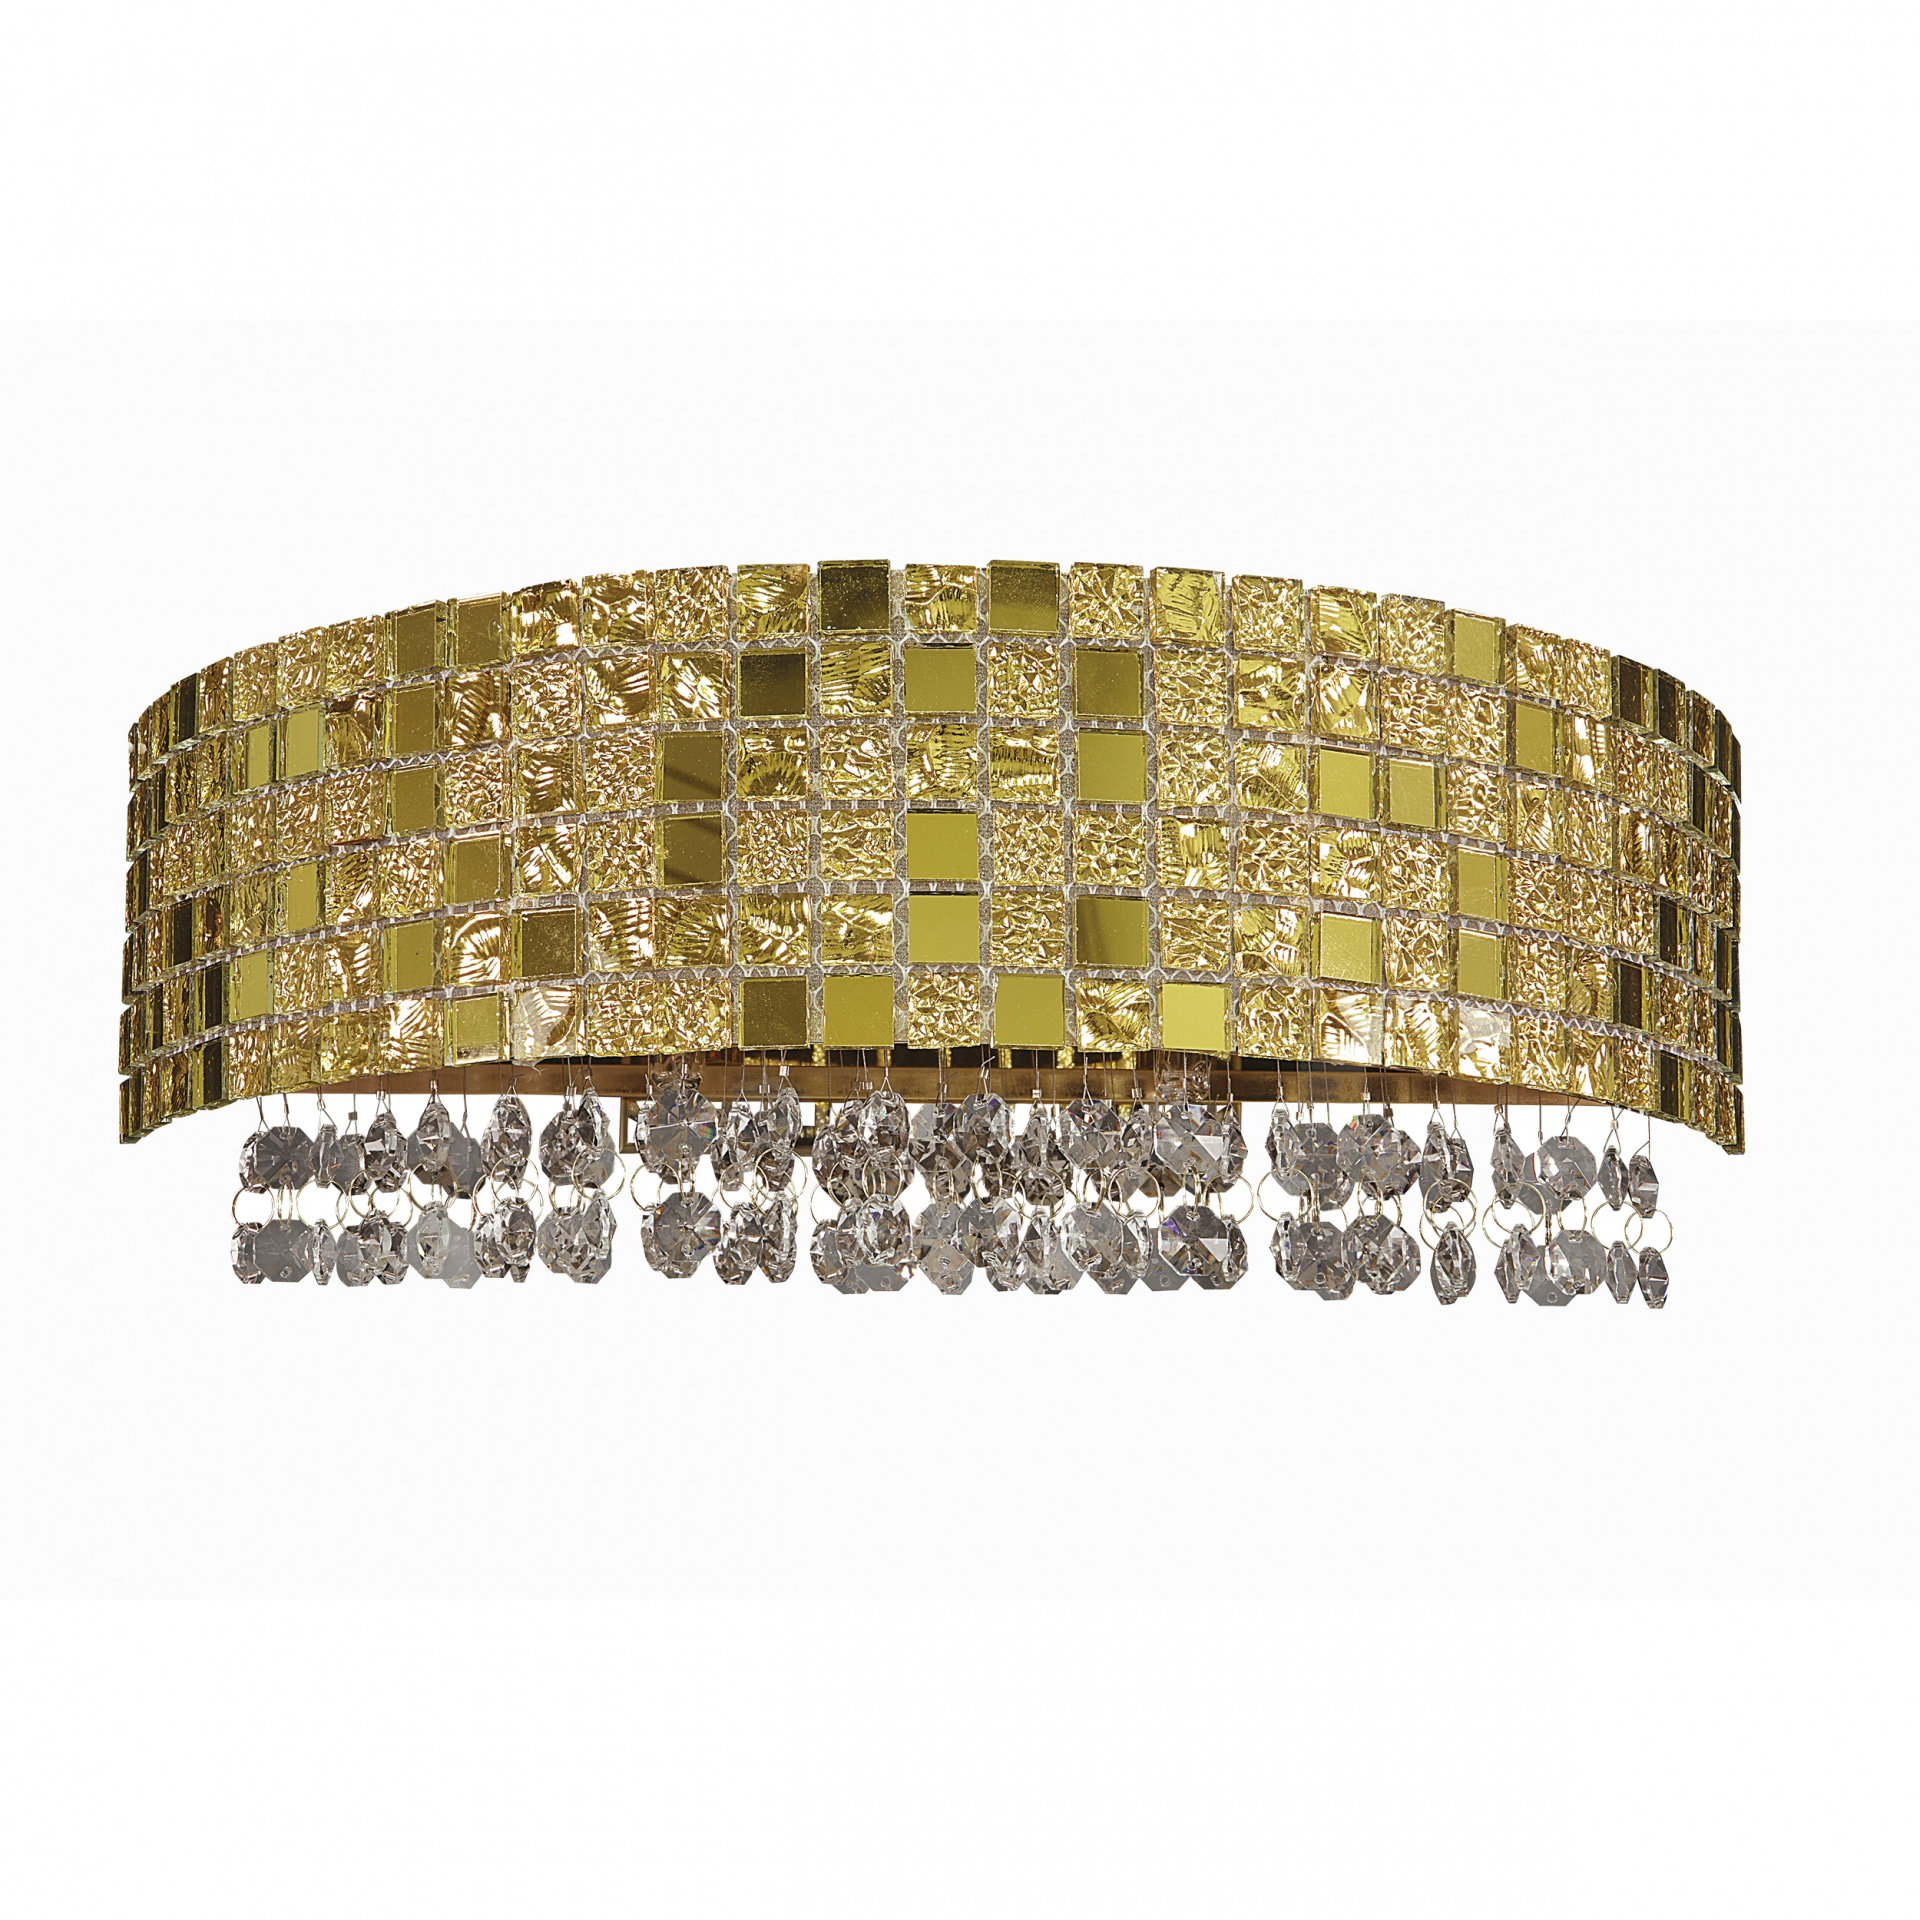 Бра Bezazz 2х40W G9 золото Lightstar 743622, купить в СПб, Москве, с доставкой, Санкт-Петербург, интернет-магазин люстр и светильников Starlight, фото в жизни